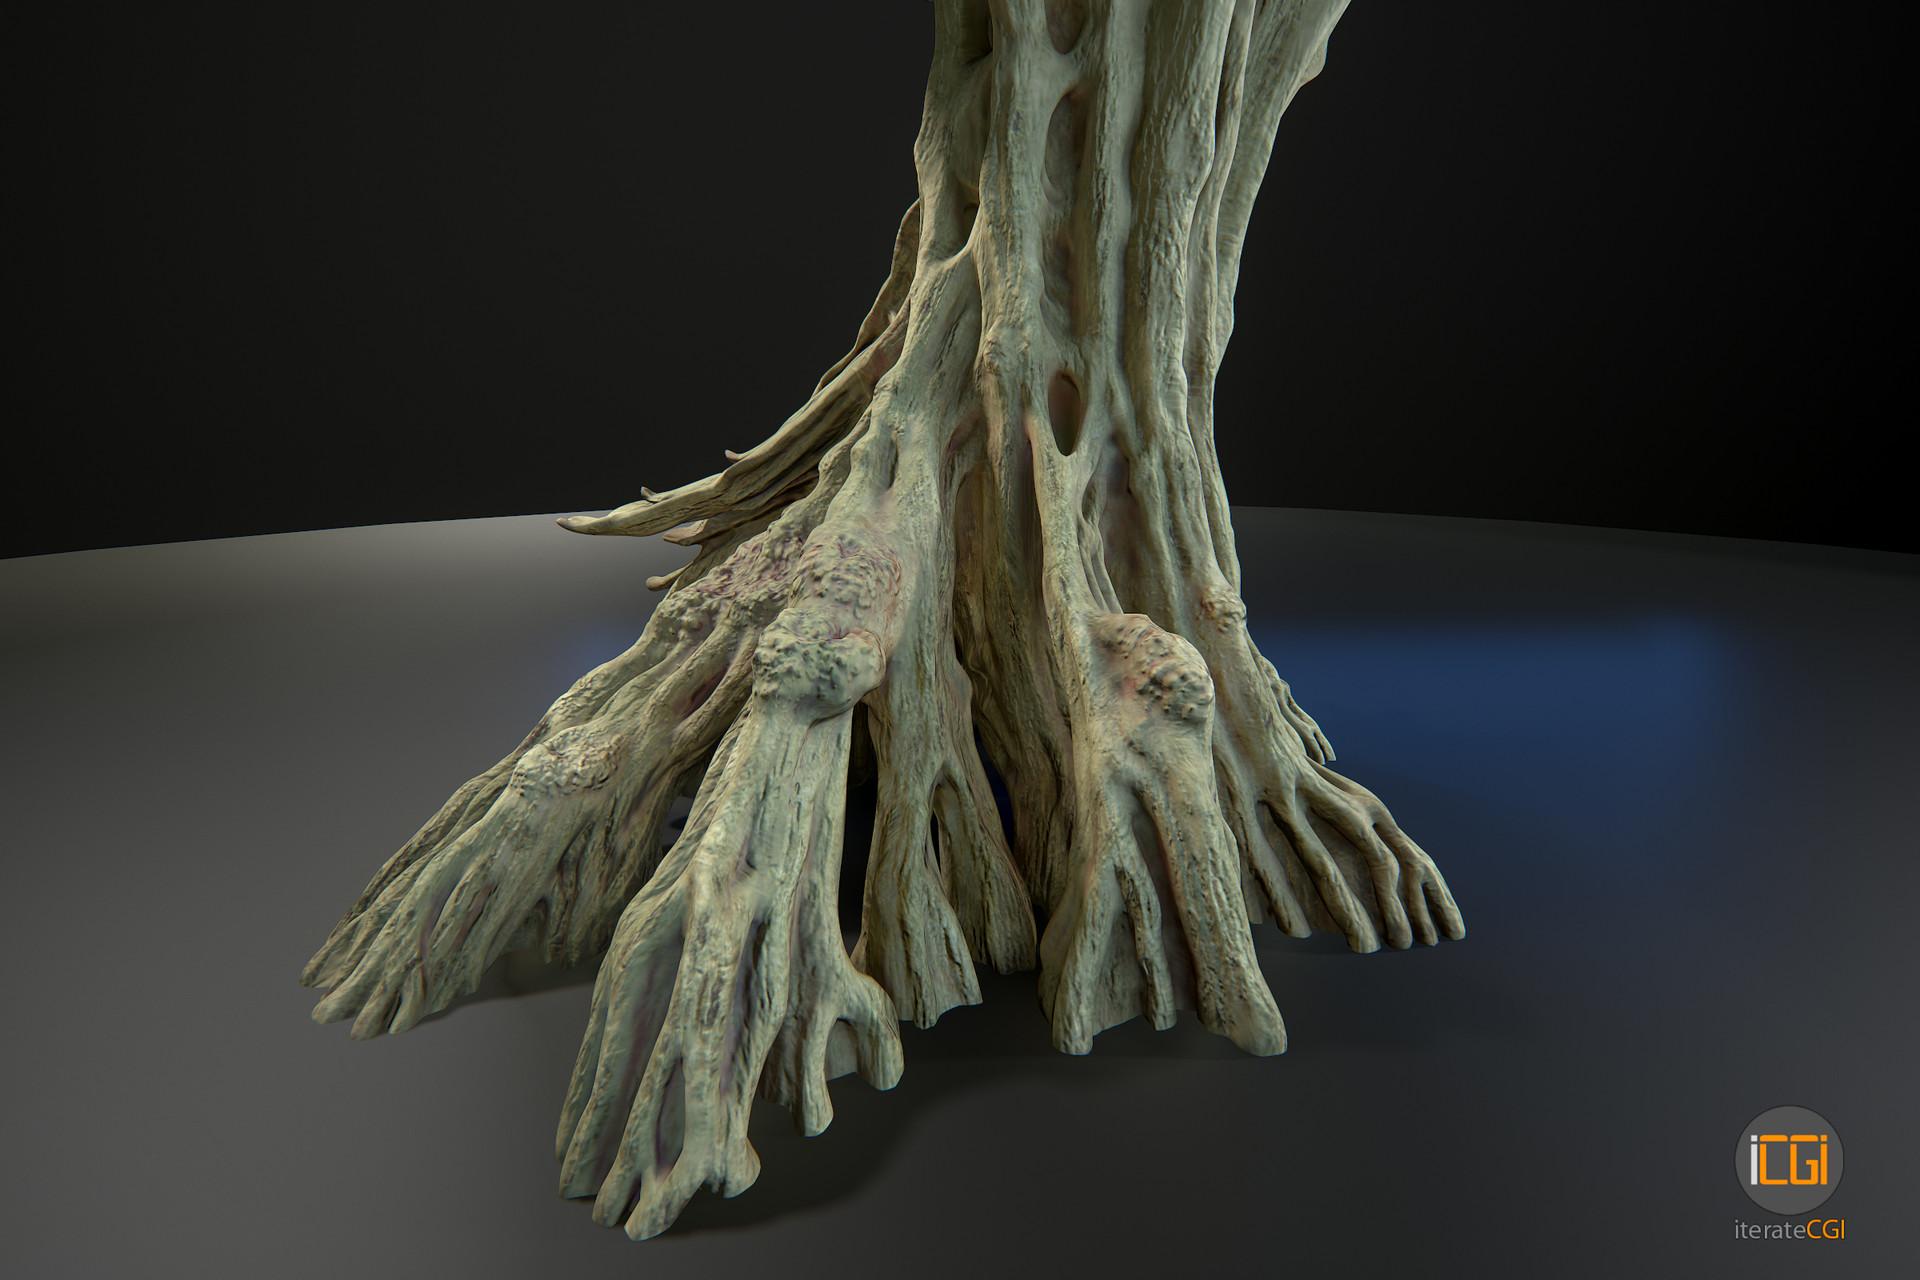 Johan de leenheer alien plant mushroom type2 13